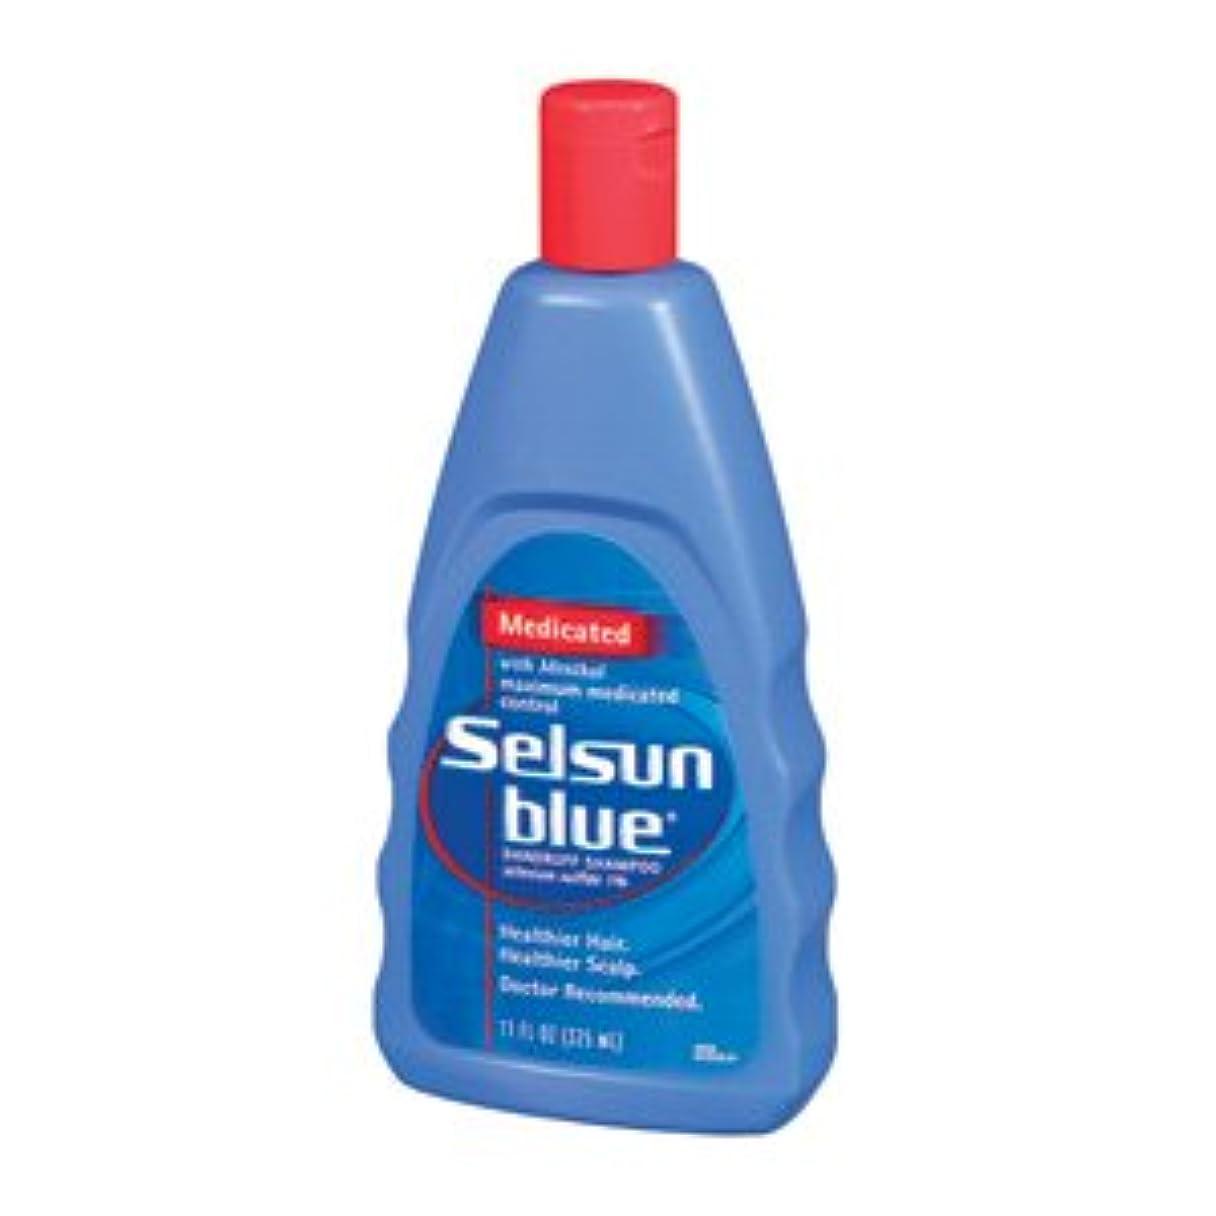 統計的垂直脅迫セルサンブルー Selsun Blue ふけ用薬用シャンプー312ml(海外直送品)